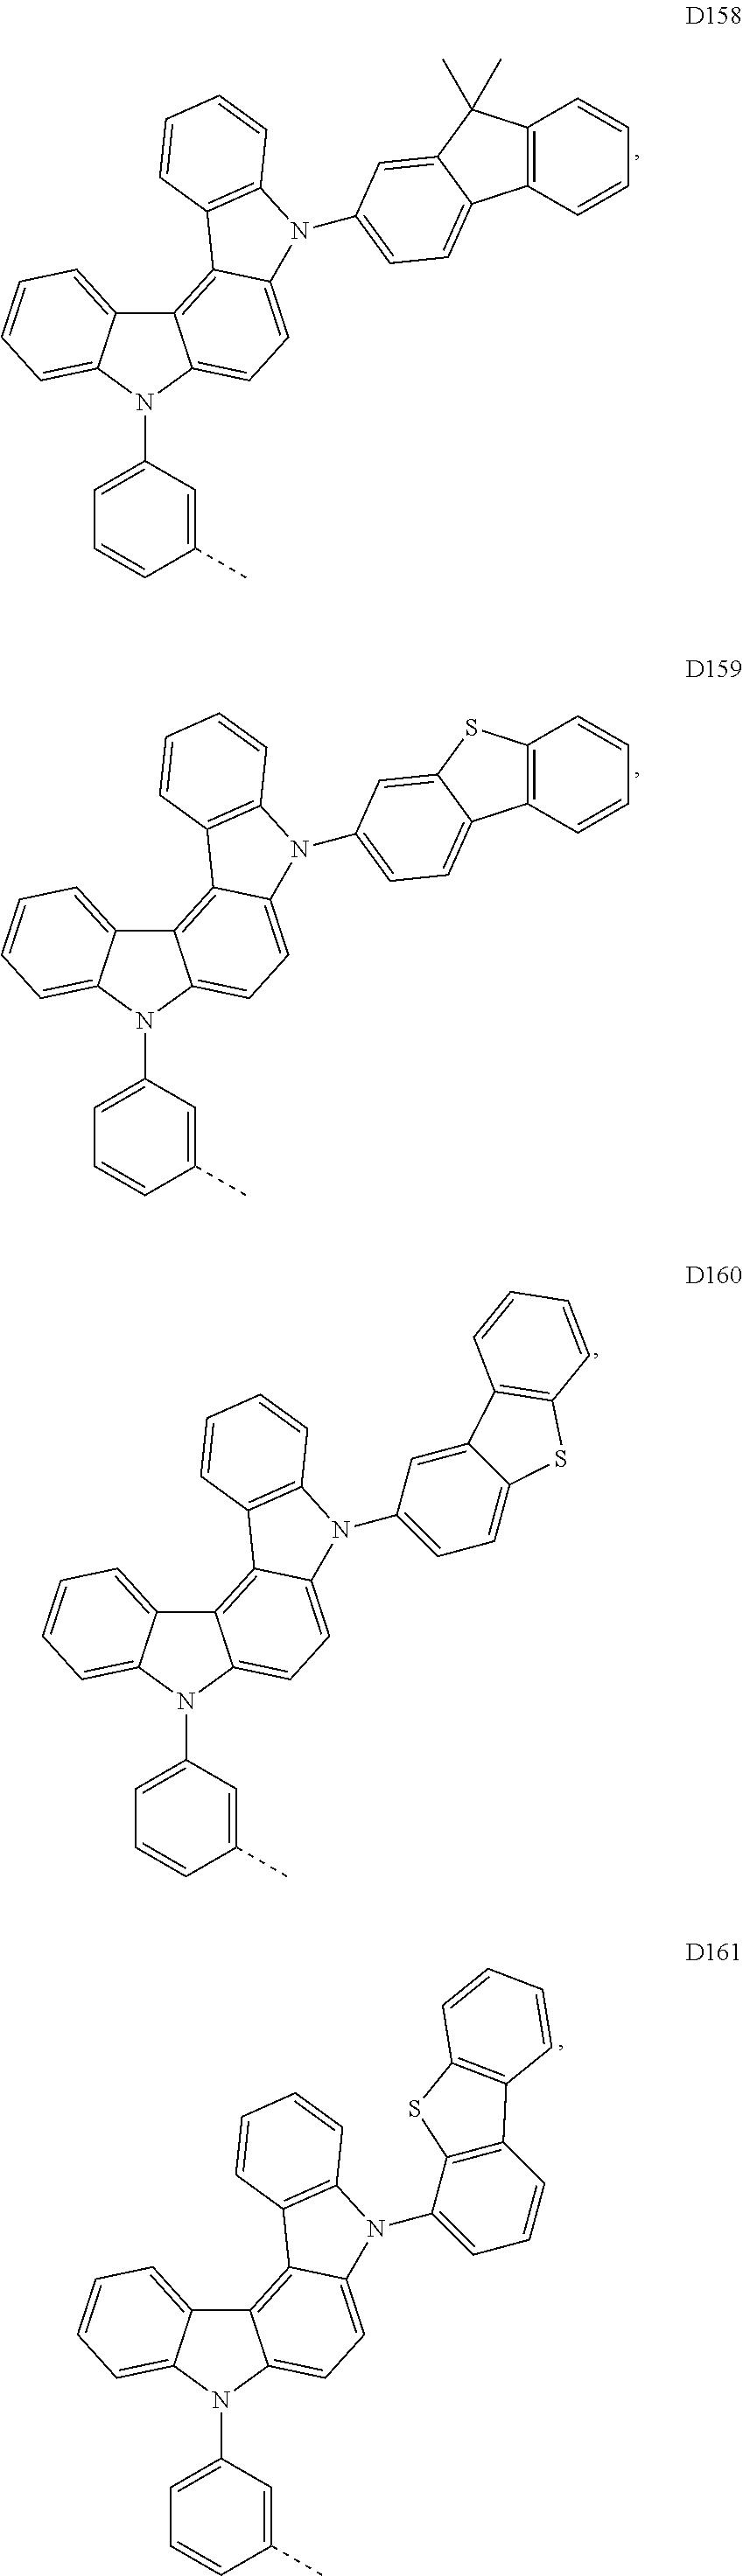 Figure US20170033295A1-20170202-C00066